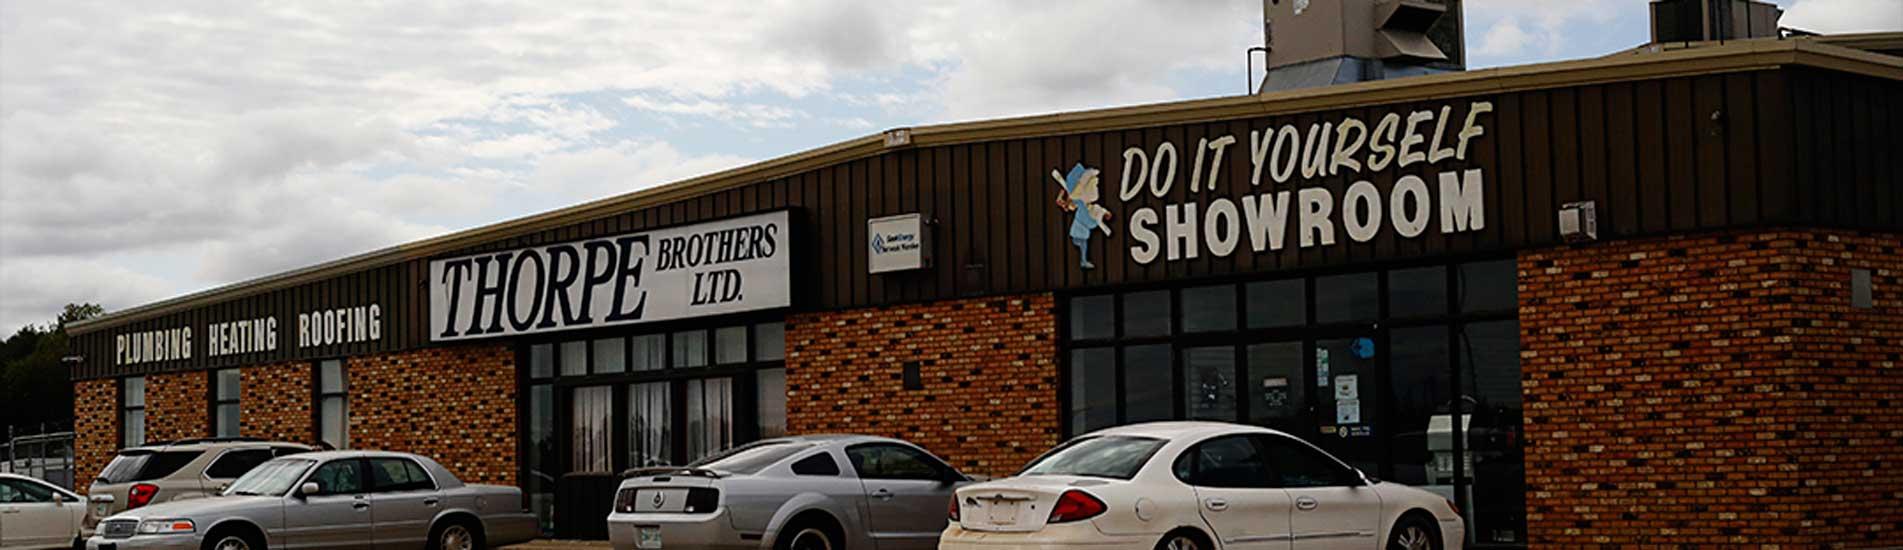 Thorpe Storefront